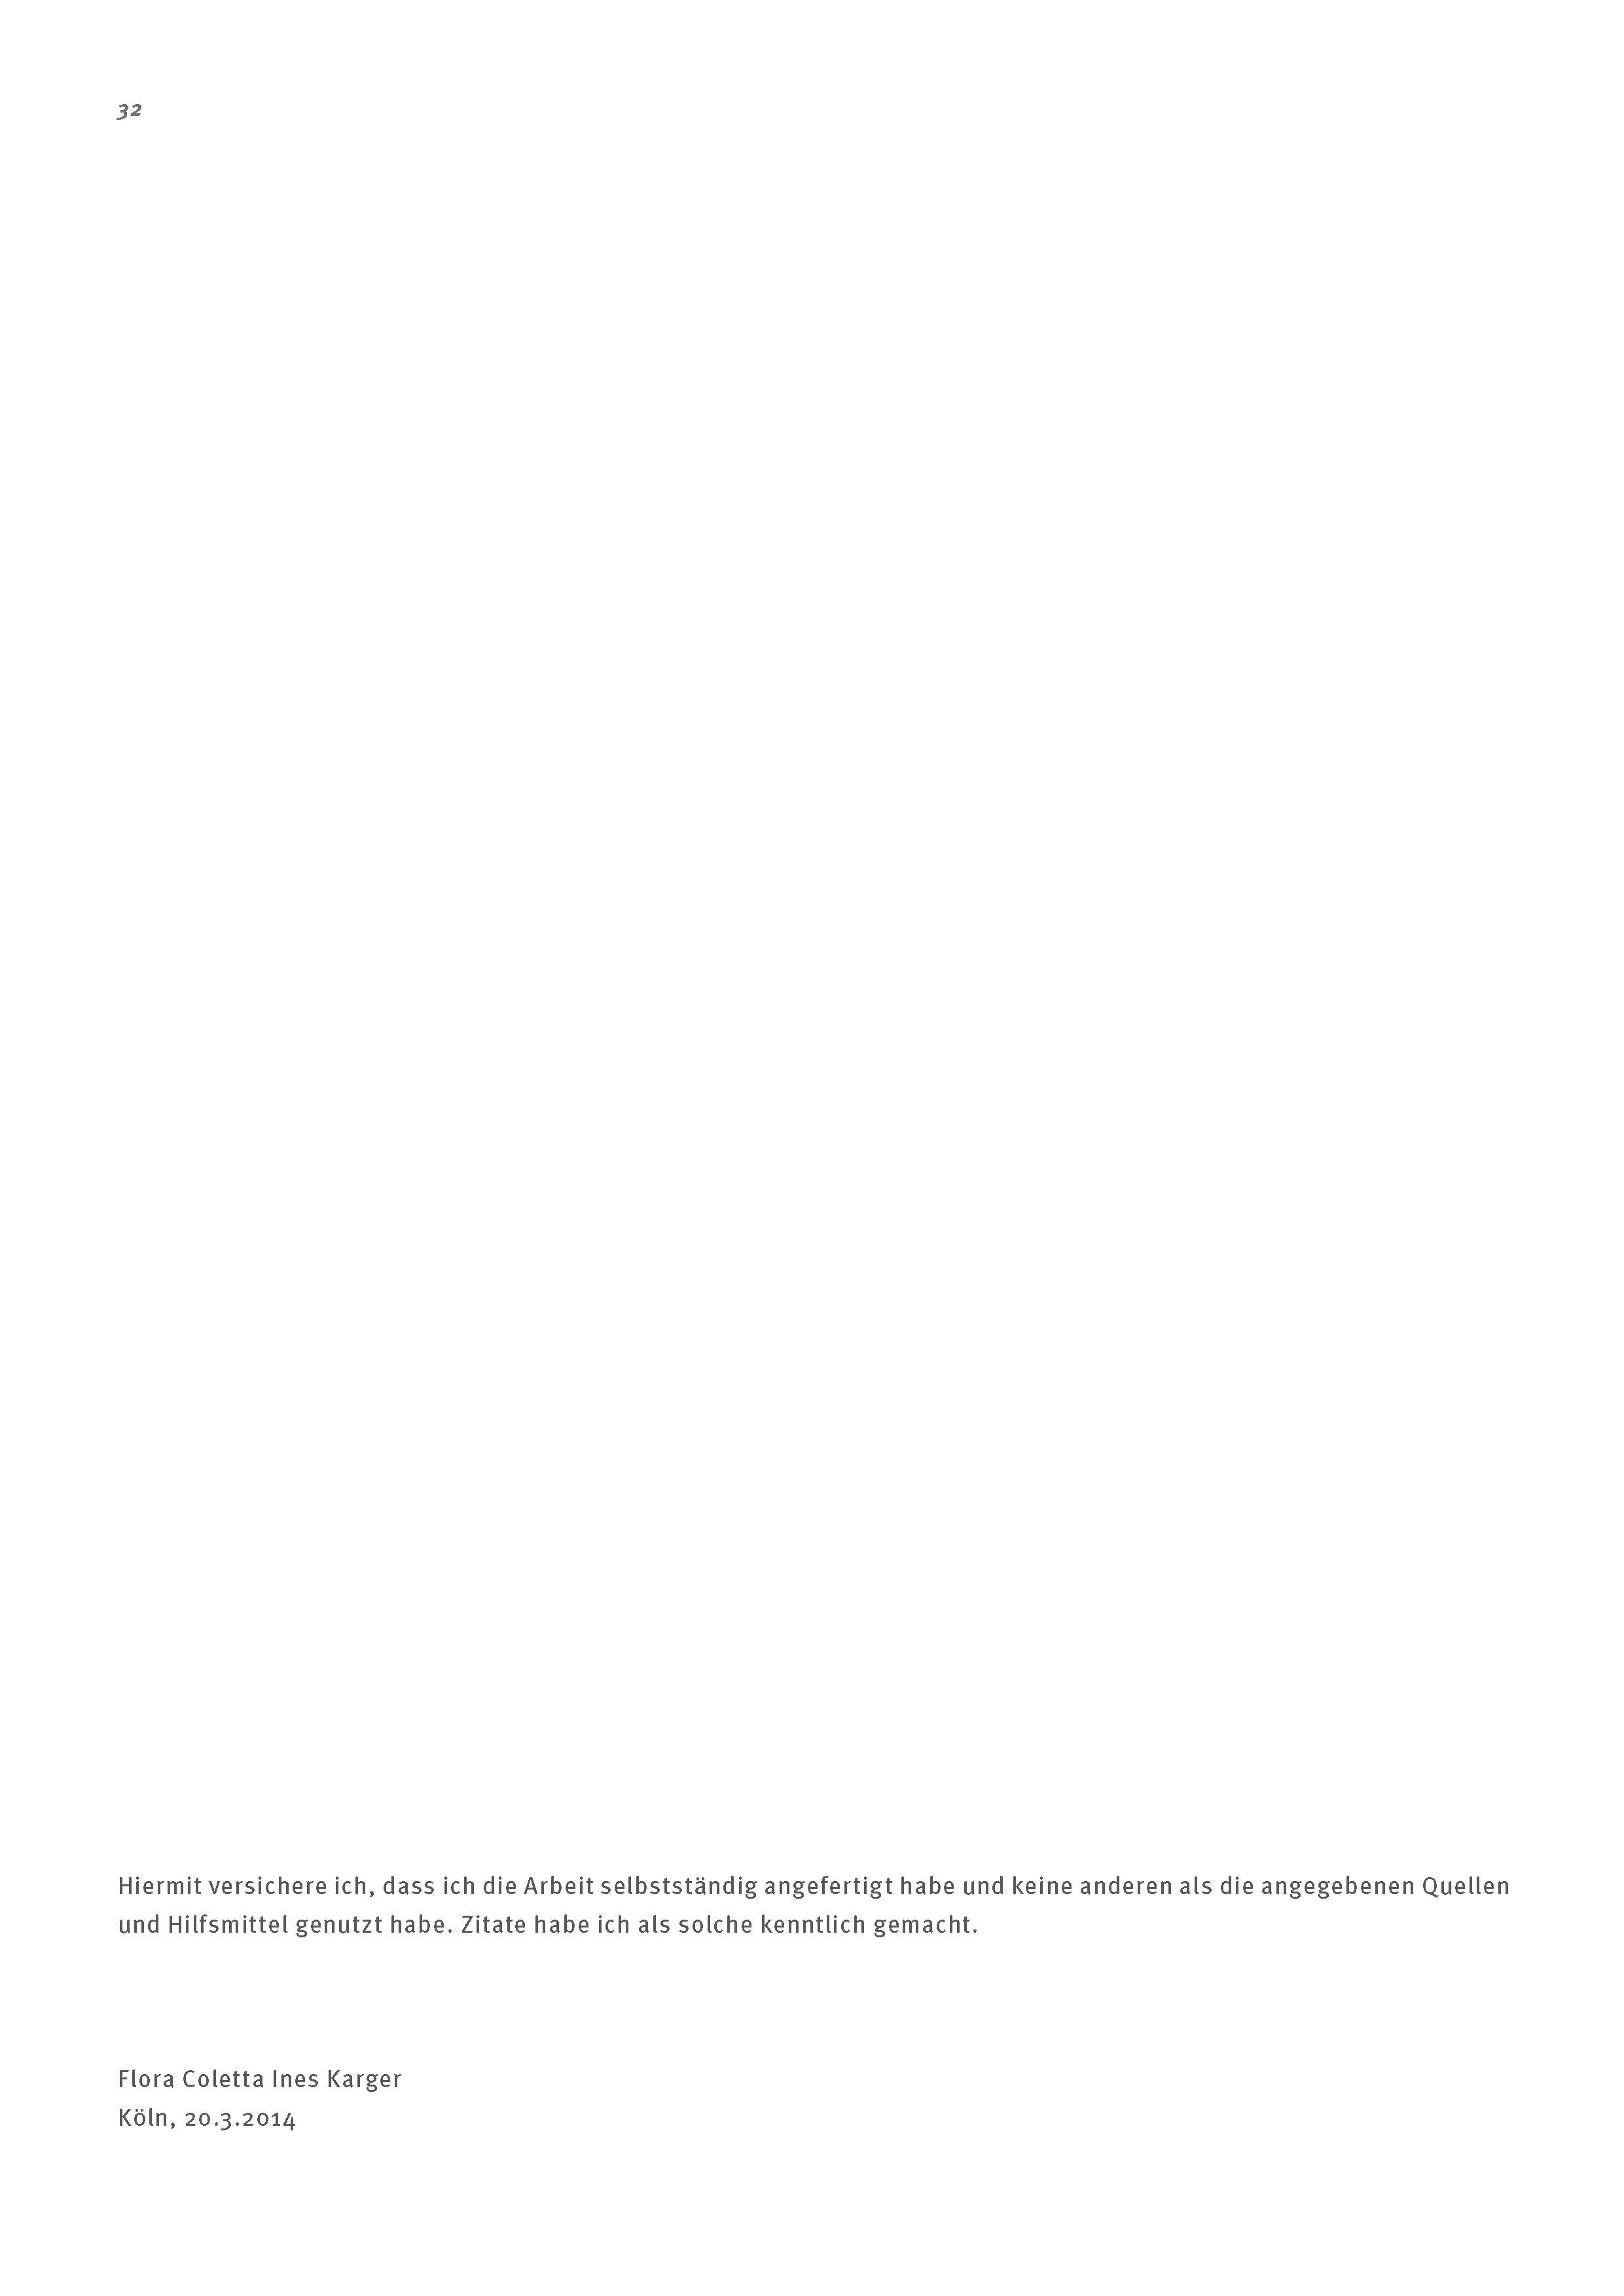 Generative Gestaltung-eine Entwurfsmethode_Einzelseiten_Seite_32.jpg